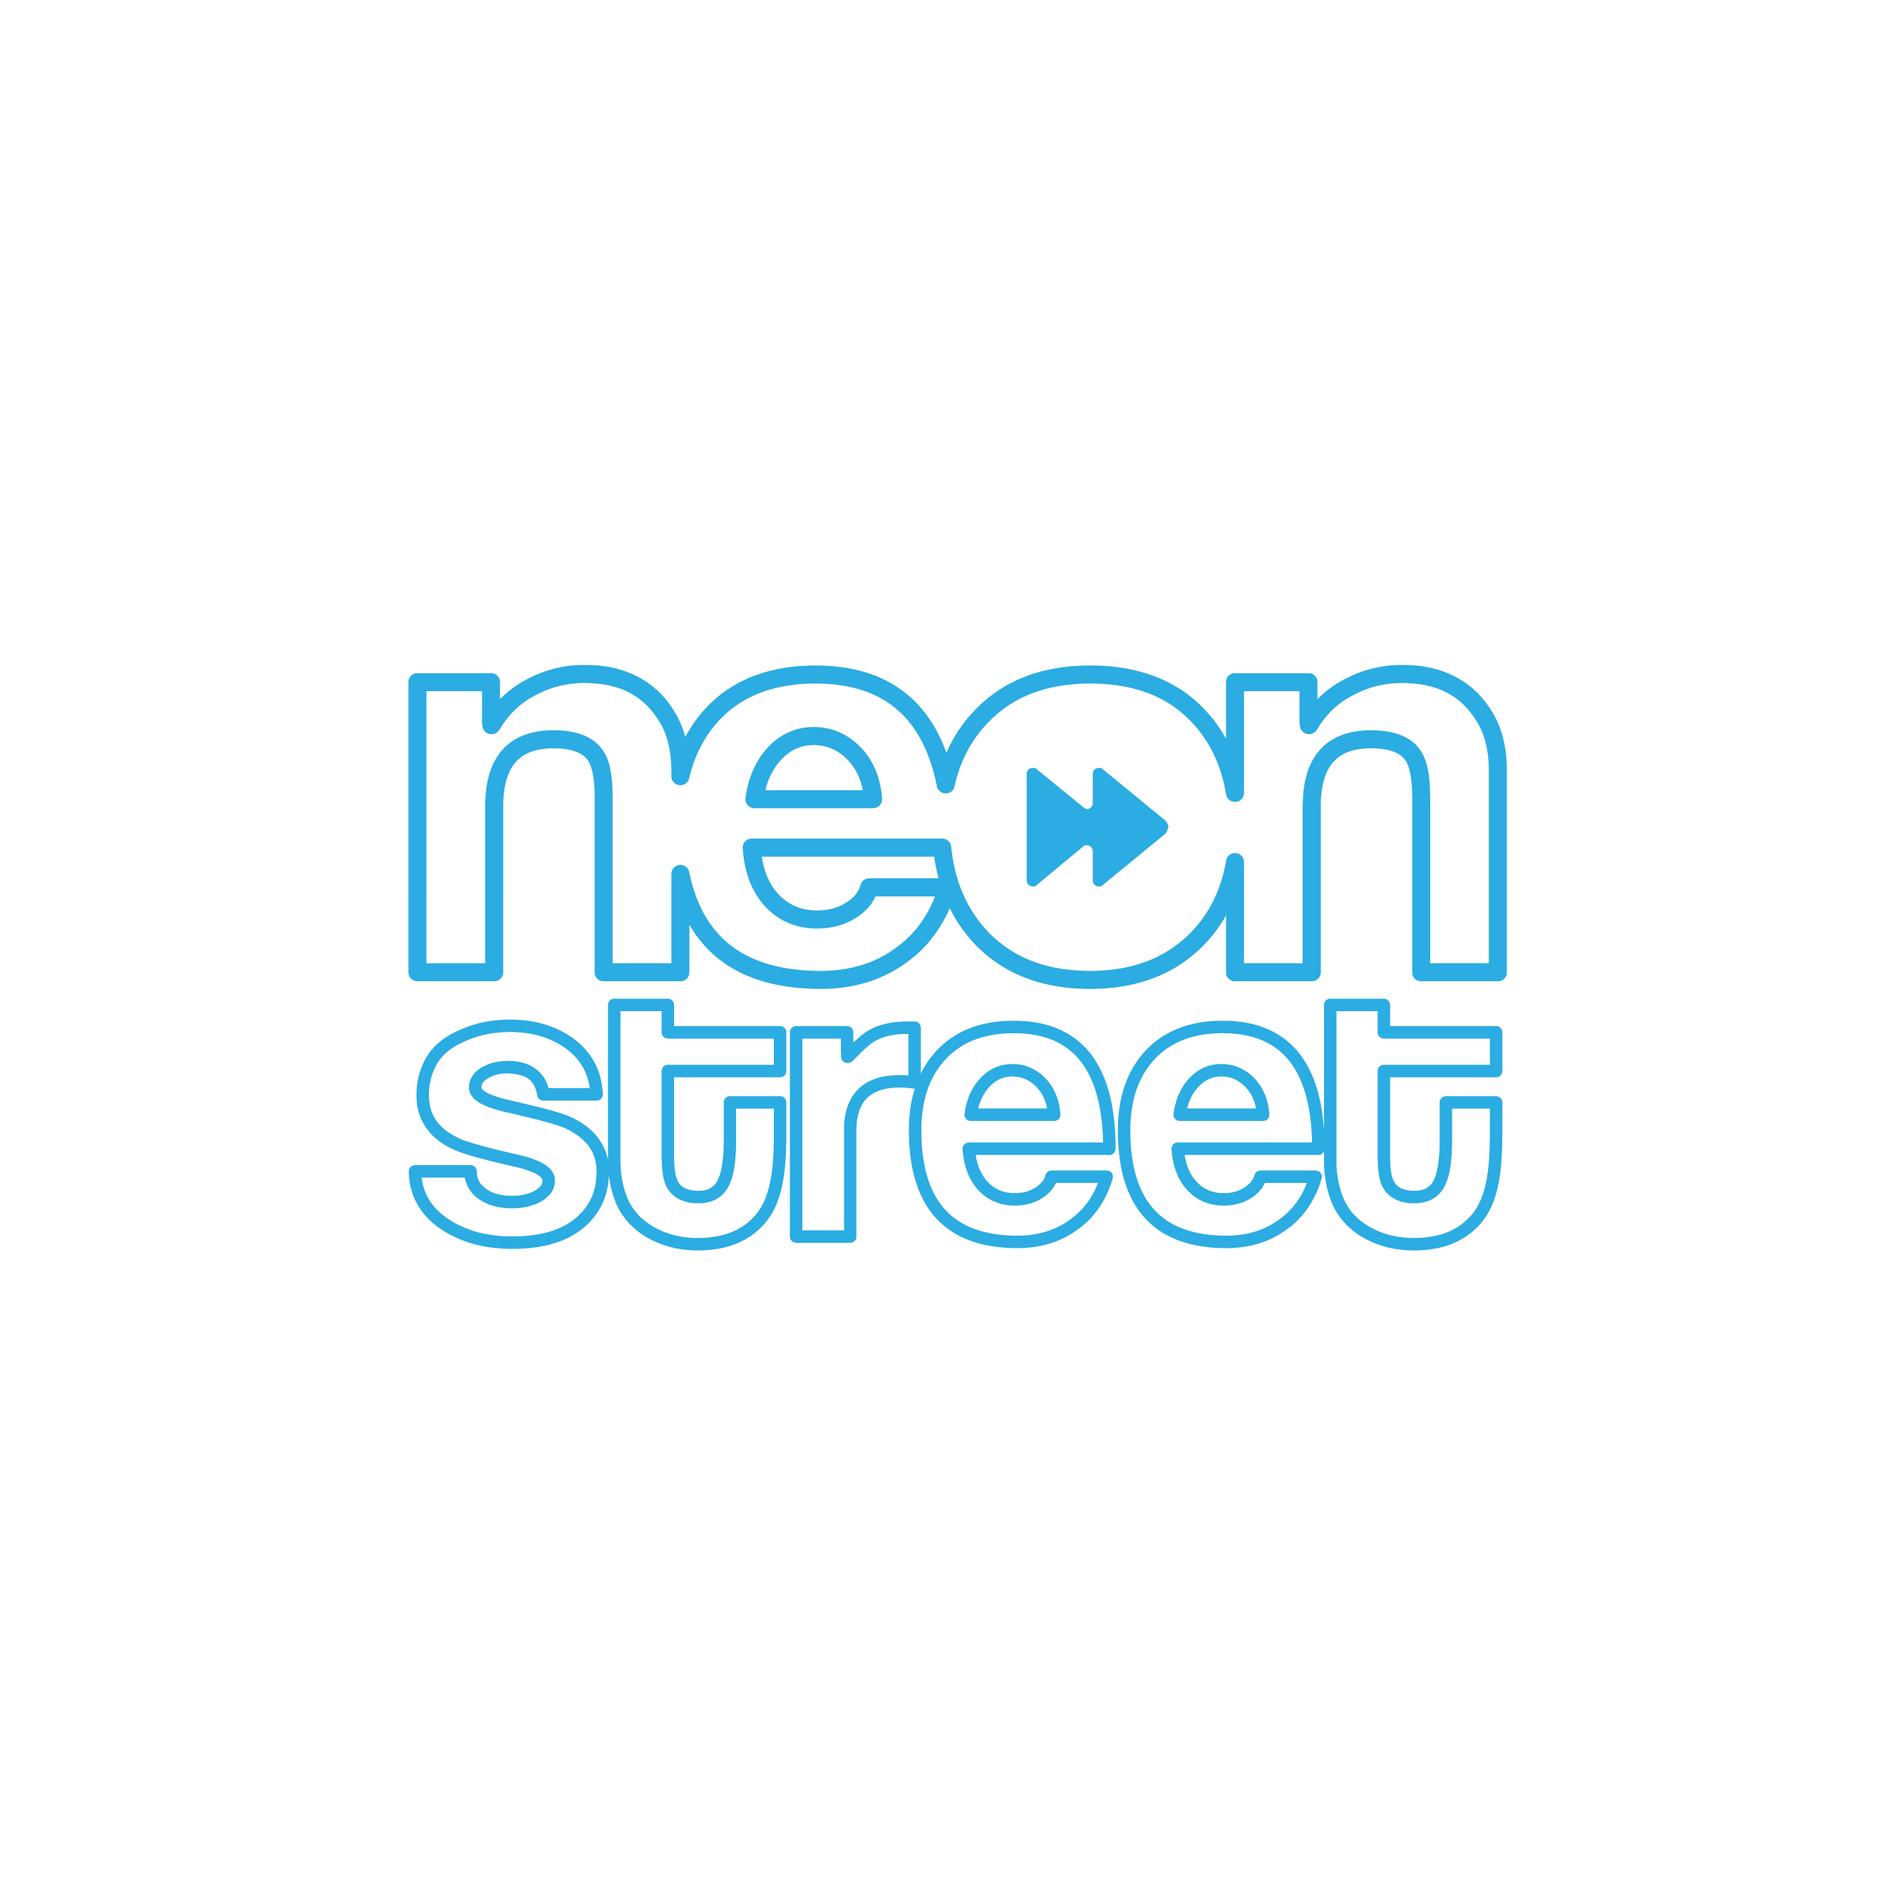 Neon Street Vector Logo-01.png